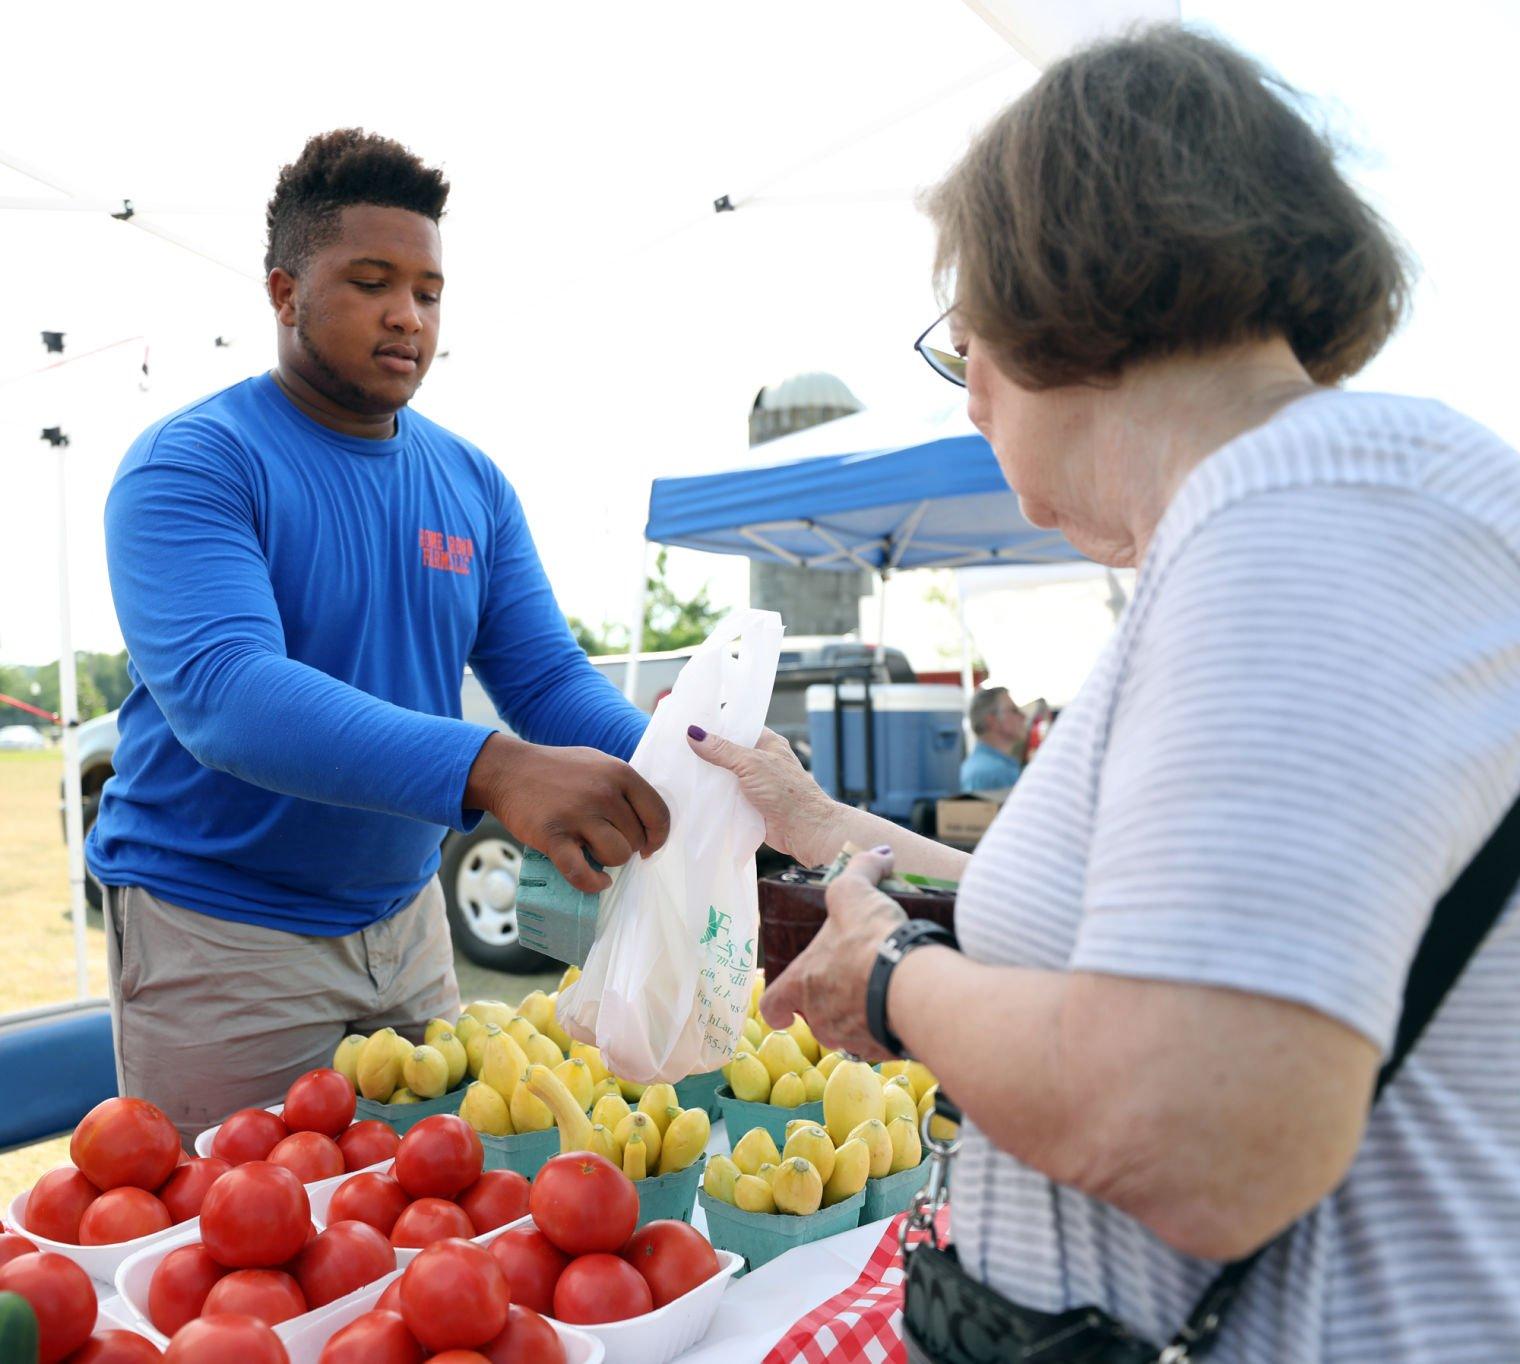 Farmers market season in full swing as weather warms